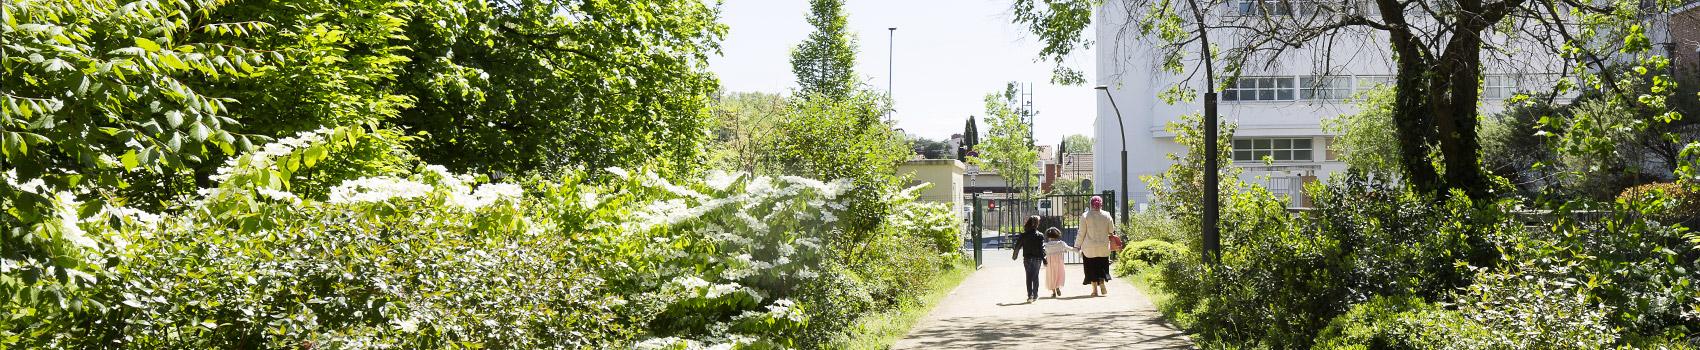 domaine nature en ville_1700x350